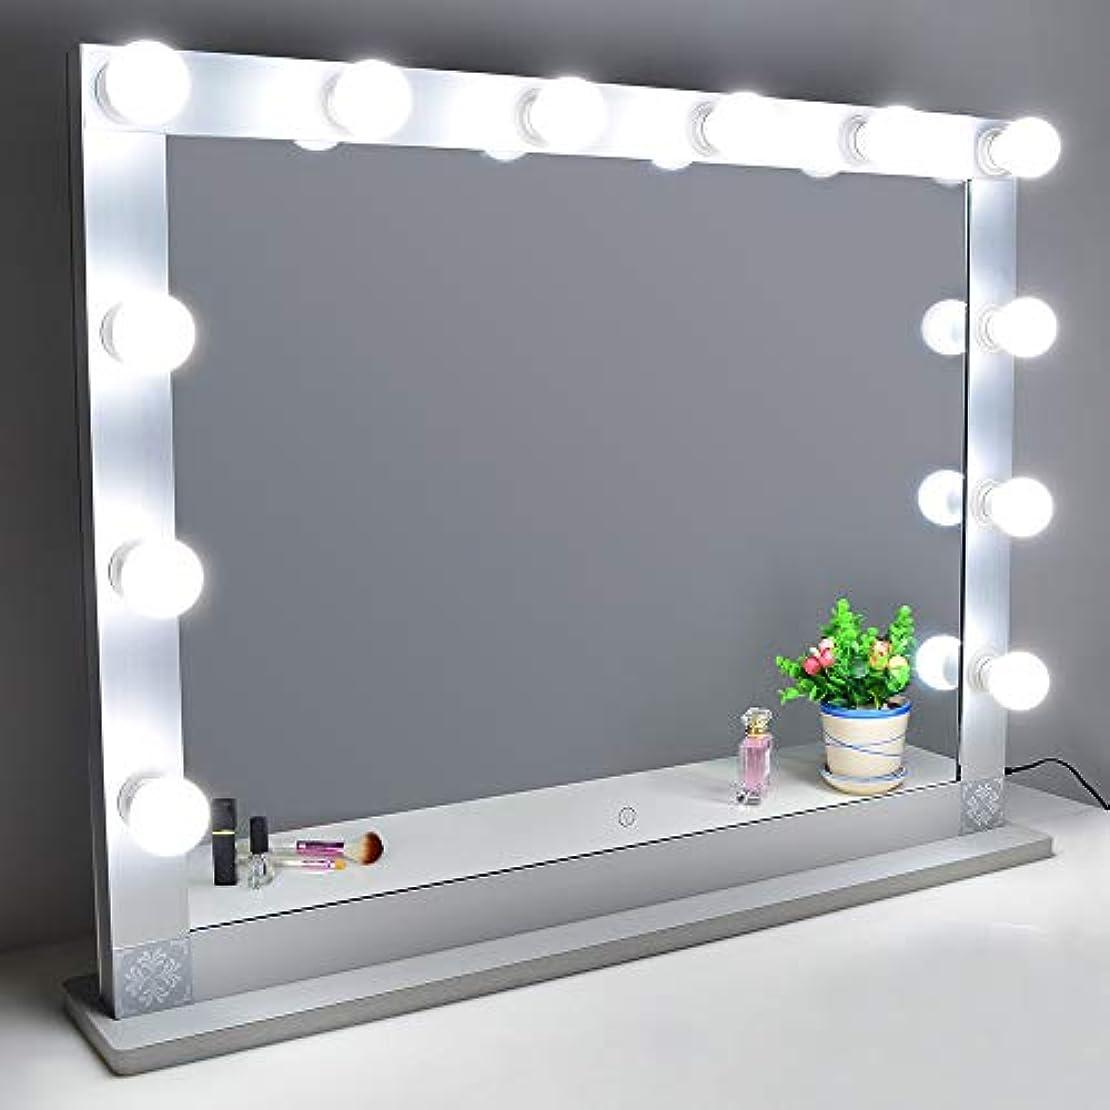 ページェント妖精月曜Nitin 女優ミラー 大型化粧鏡 ハリウッドミラー 12個LED電球付き 無段階調光 スタンド付き USB差込口付き 卓上ミラー 女優ライト ドレッサー/化粧台に適用(85*66.5cm)